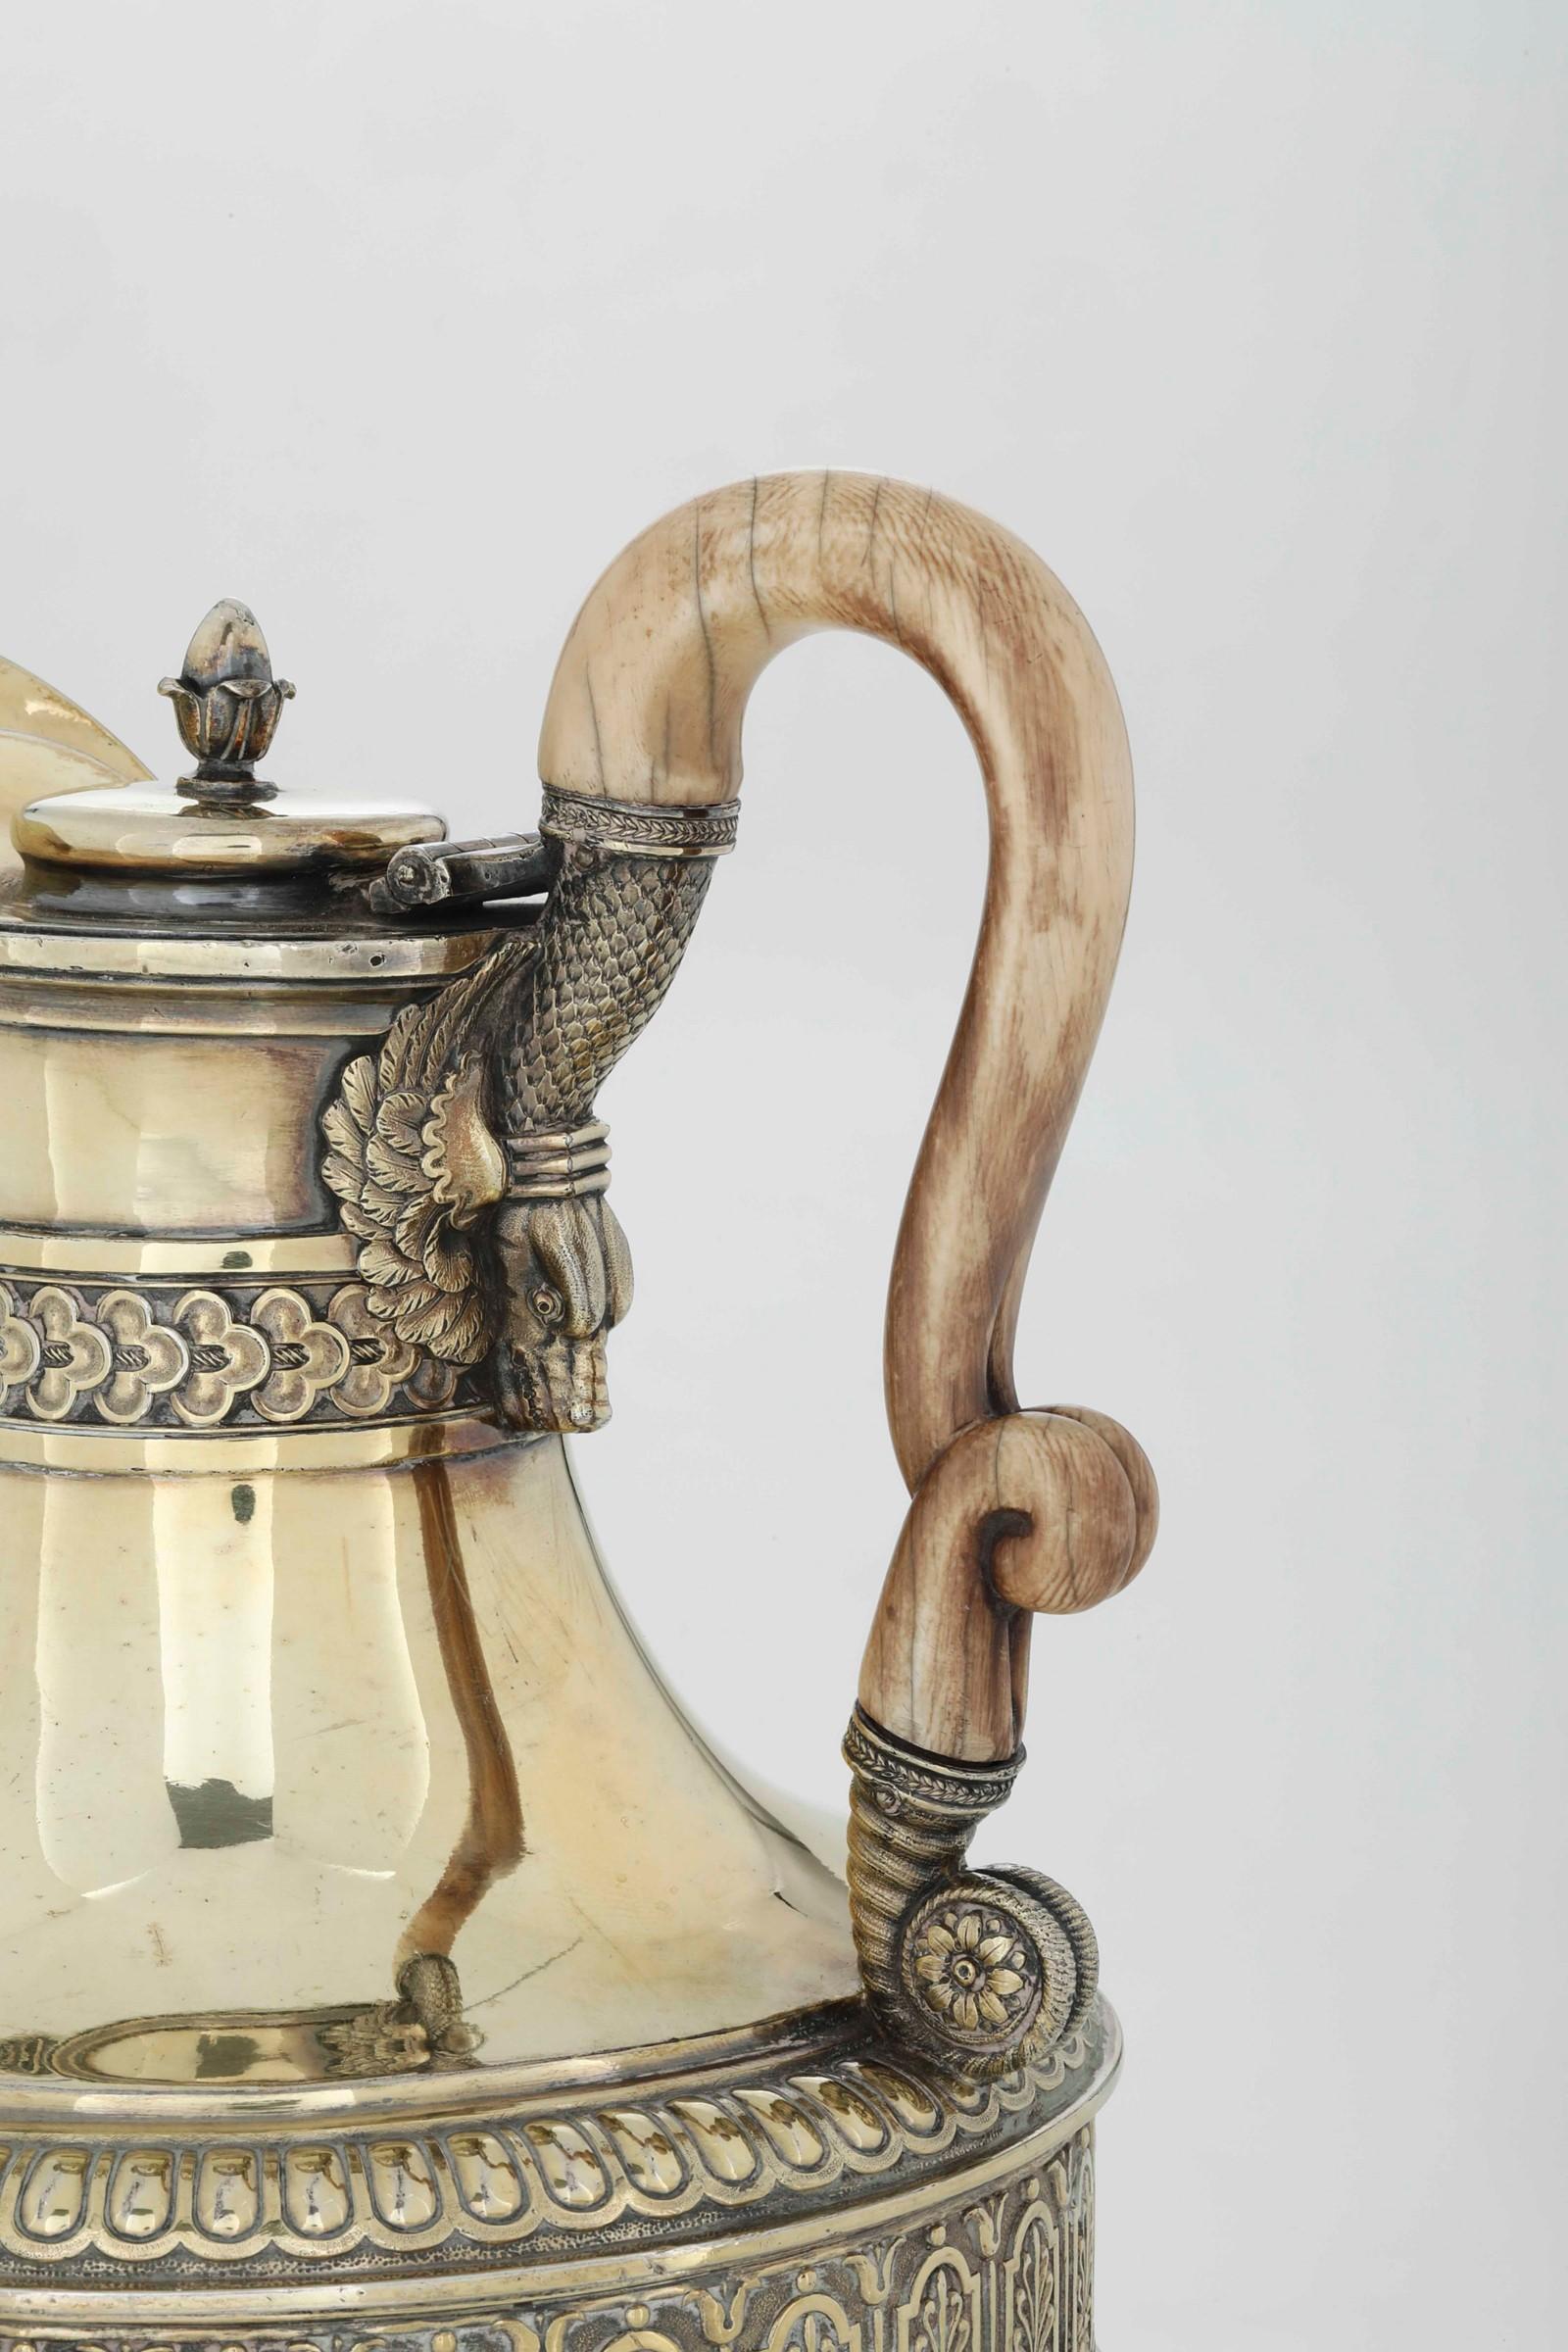 Brocca con fornello in argento, fuso, sbalzato, cesellato e dorato. Marchi della [...] - Image 2 of 5